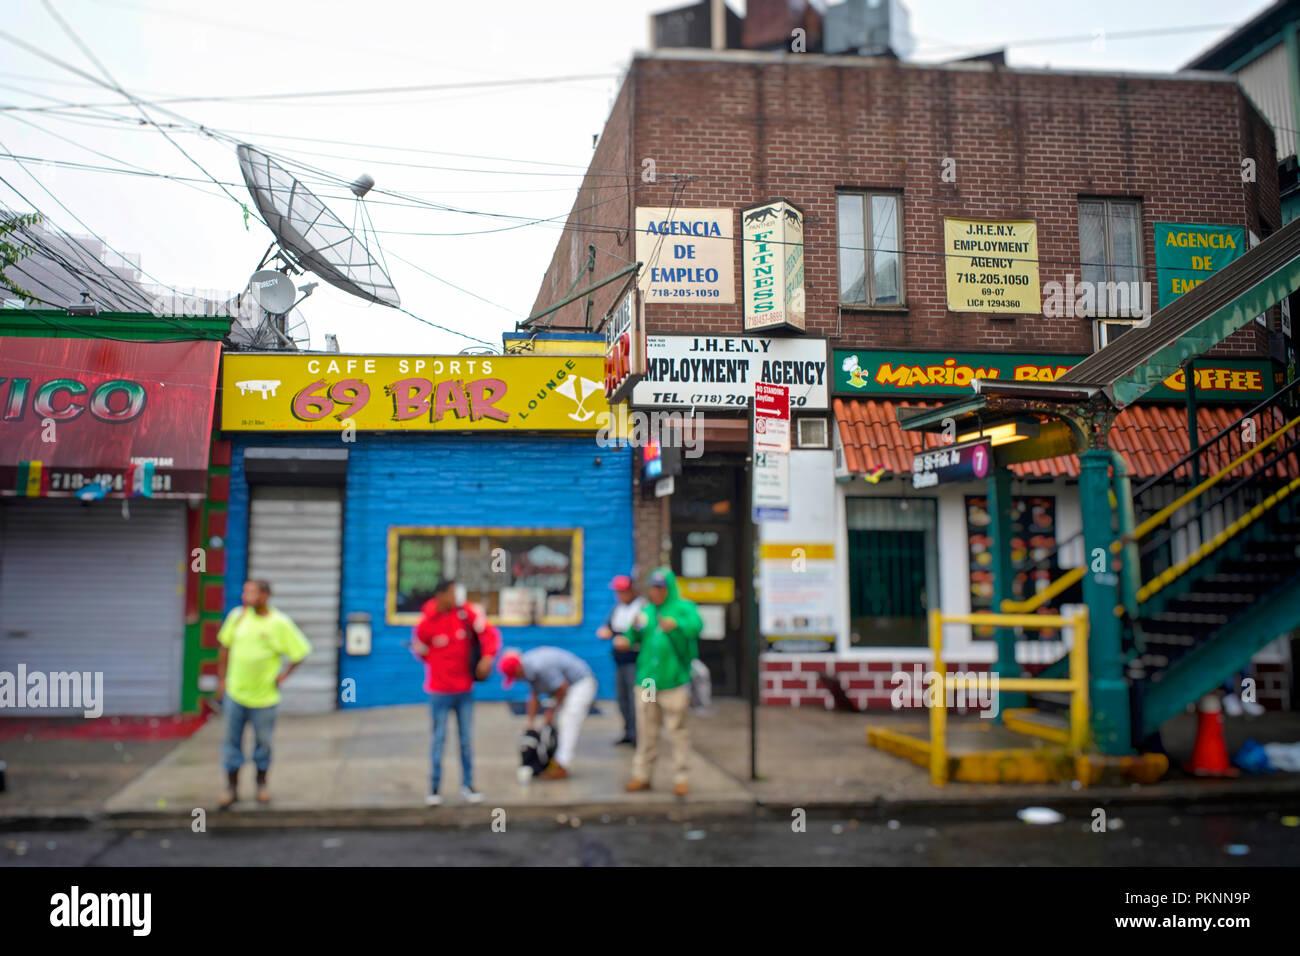 Cada día, temprano en la mañana, los jornaleros latinoamericanos se reúnen en ciertas áreas de Jackson Heights, a la espera de ser alquilados por un día. Imagen De Stock